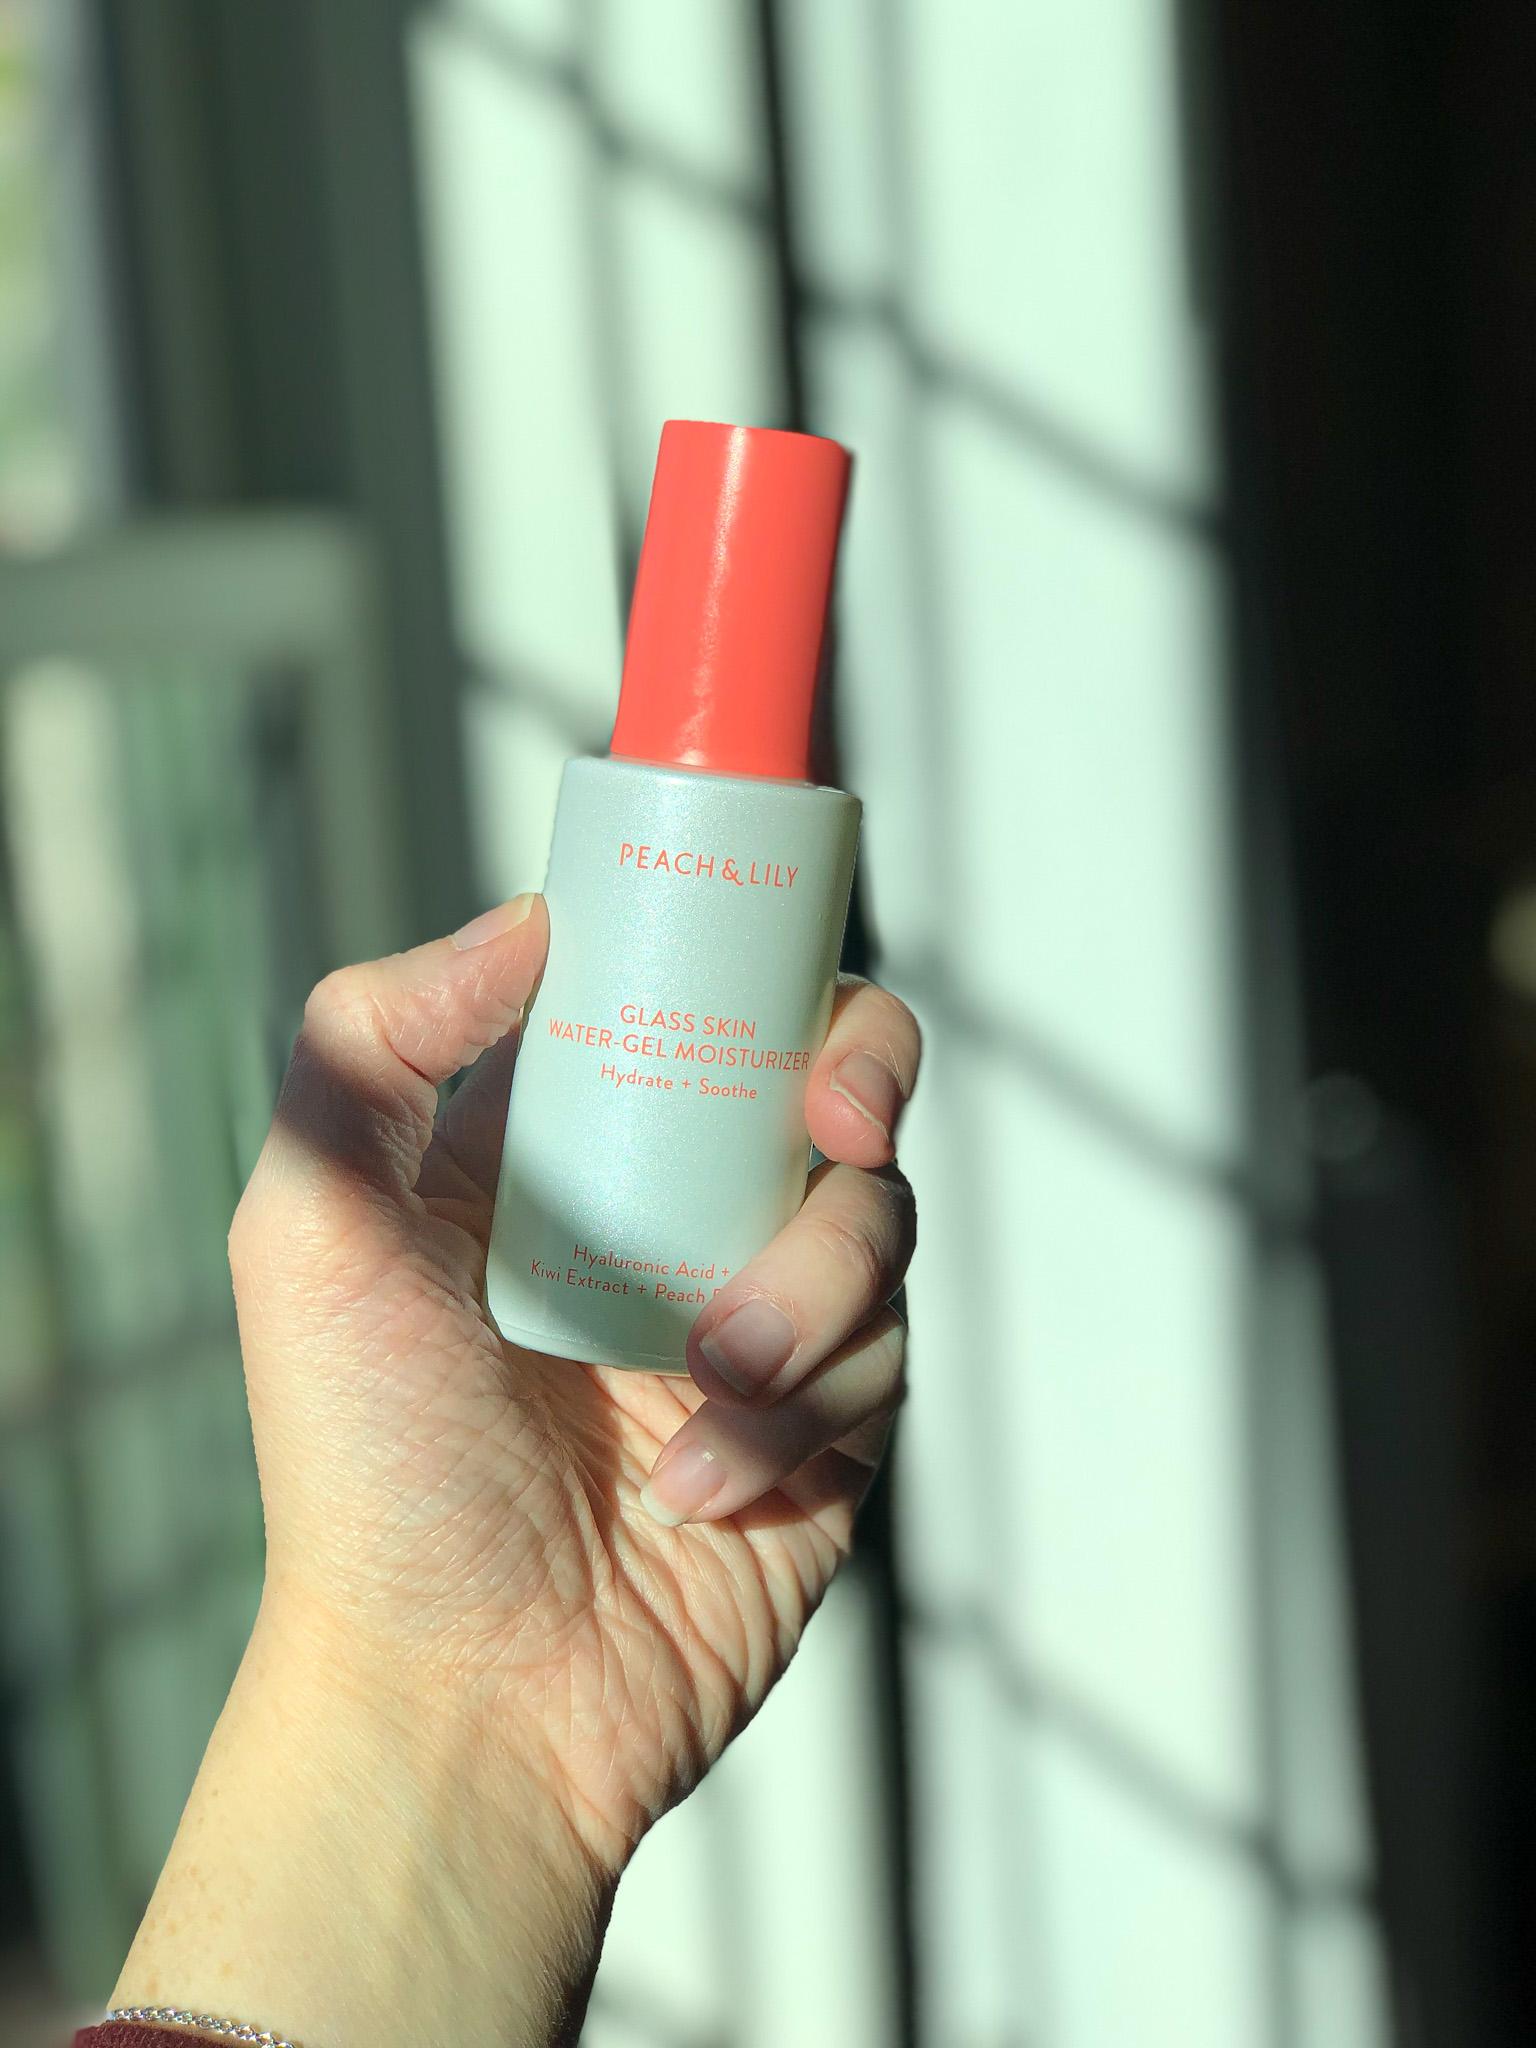 Peach & Lily Glass Skin Water-Gel Moisturizer